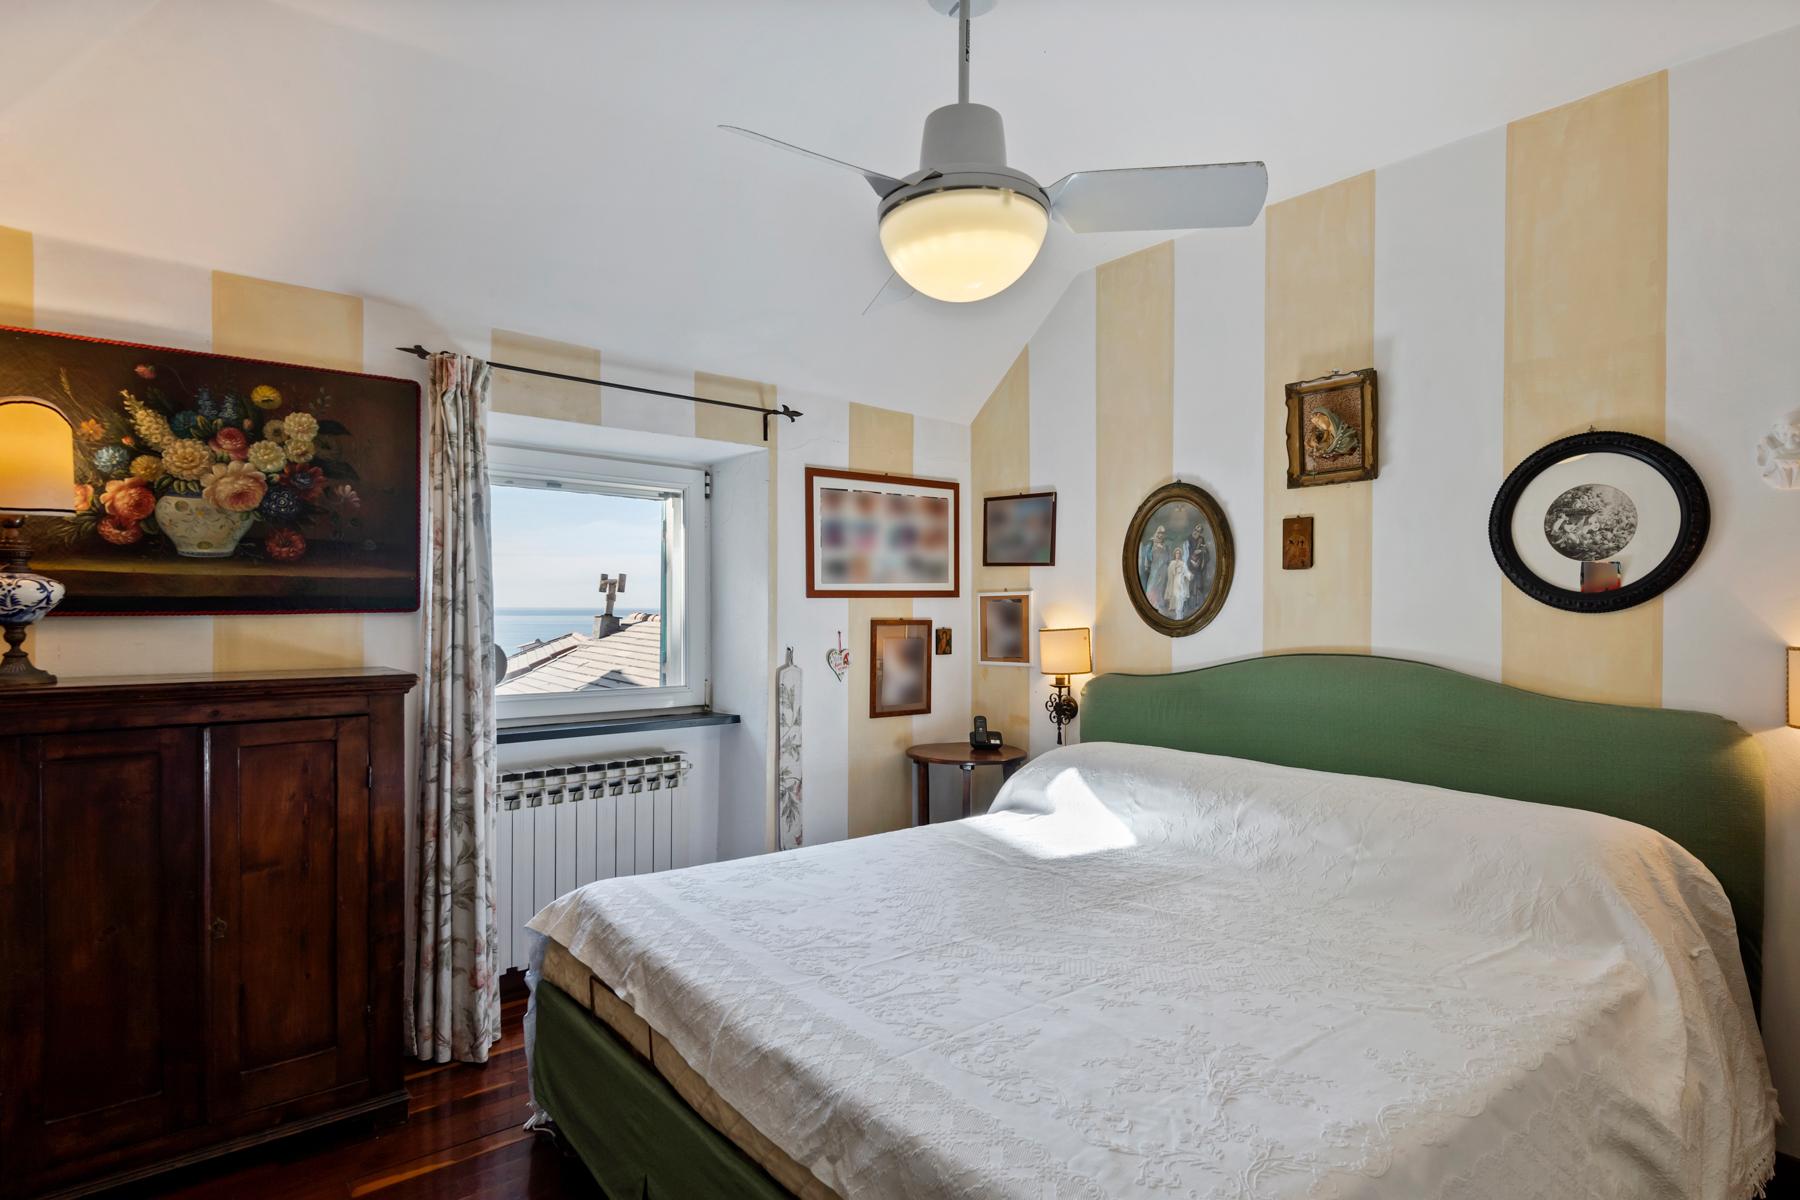 Casa indipendente in Vendita a Genova: 5 locali, 150 mq - Foto 8